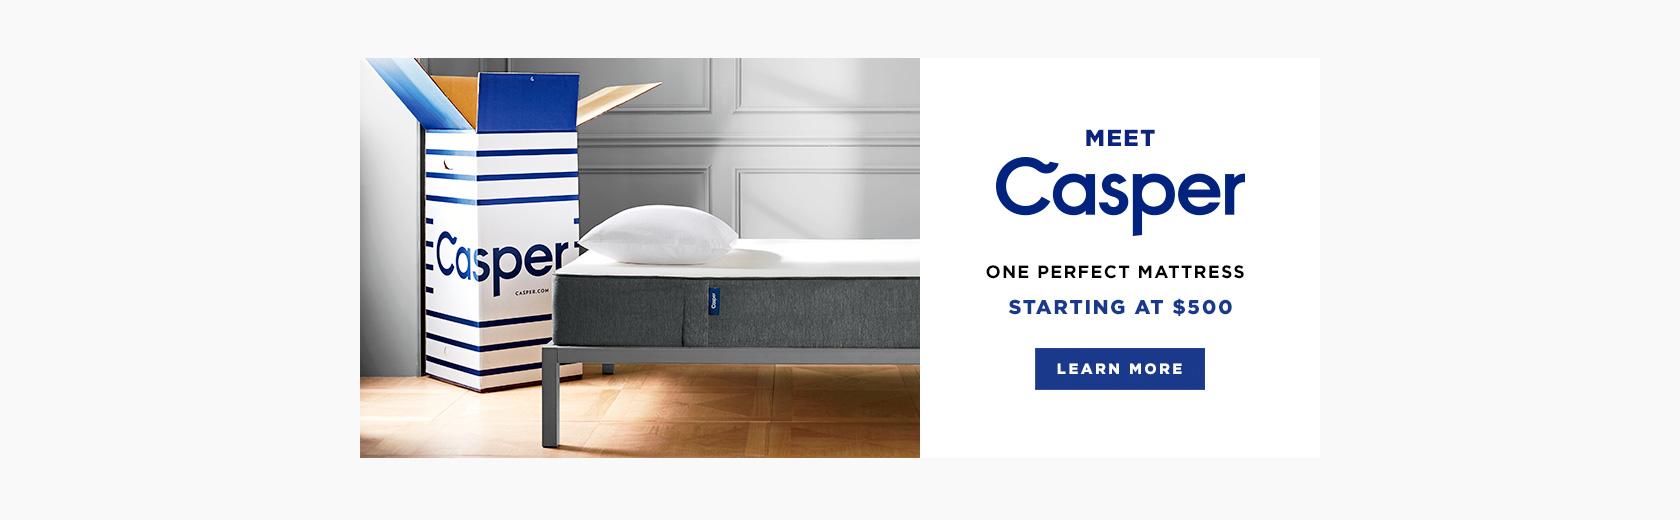 Meet Casper - One Perfect Mattress - Starting At $500